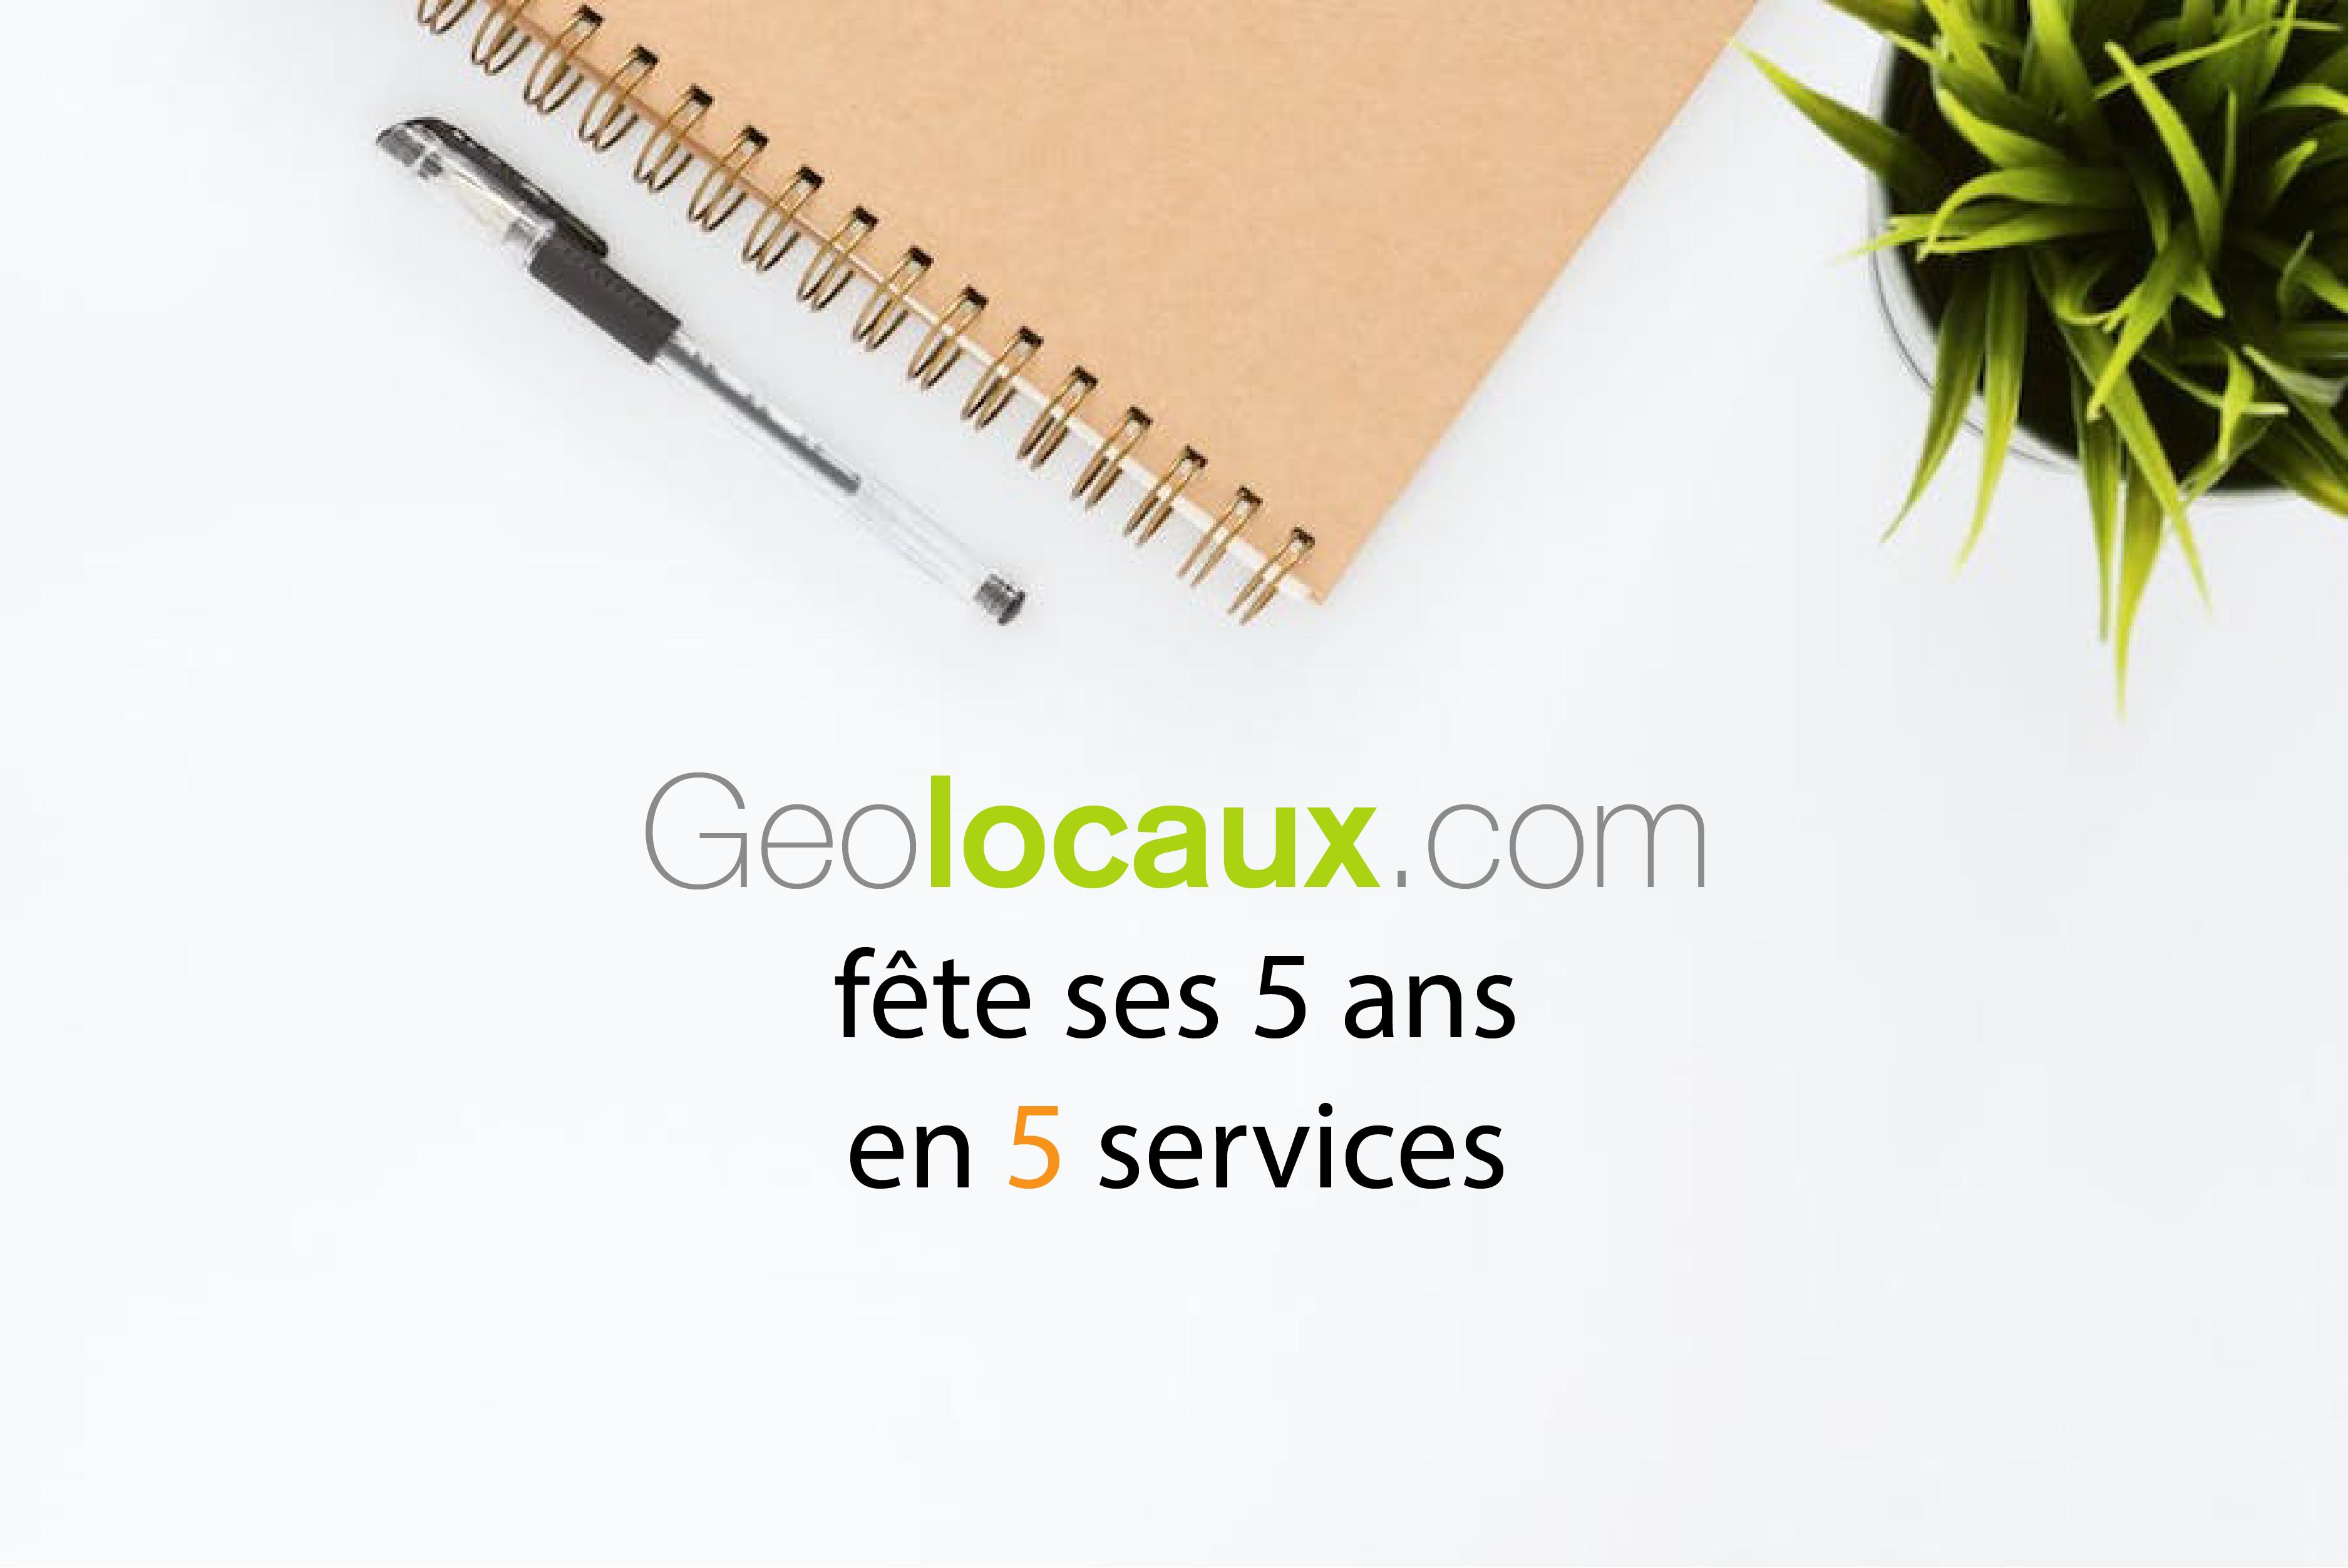 Geolocaux.com